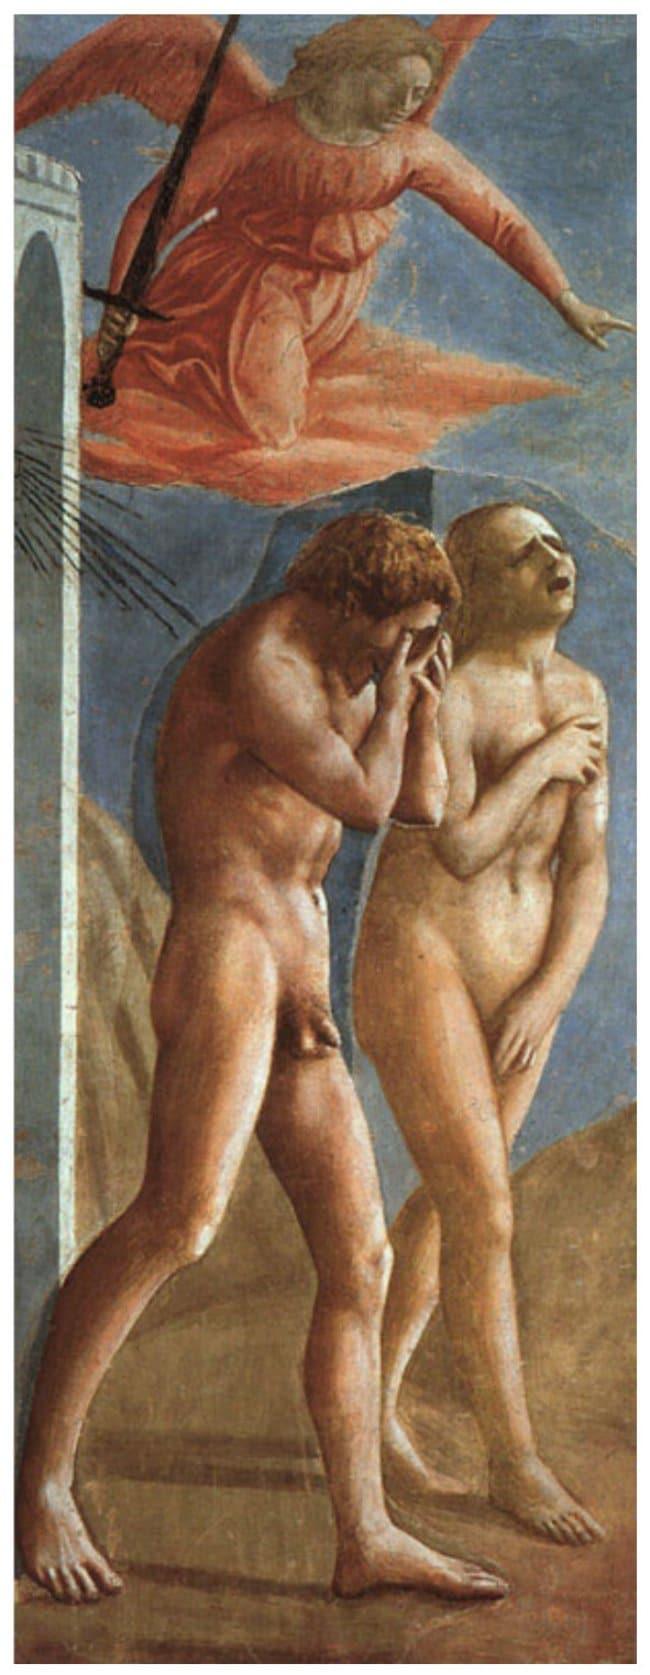 부랑카치 채플(Brancacci Chapel)의 초마사(Masaccio) 작품, 낙원에서 추방되는 아담과 이브(The Expulsion from the Garden of Eden)